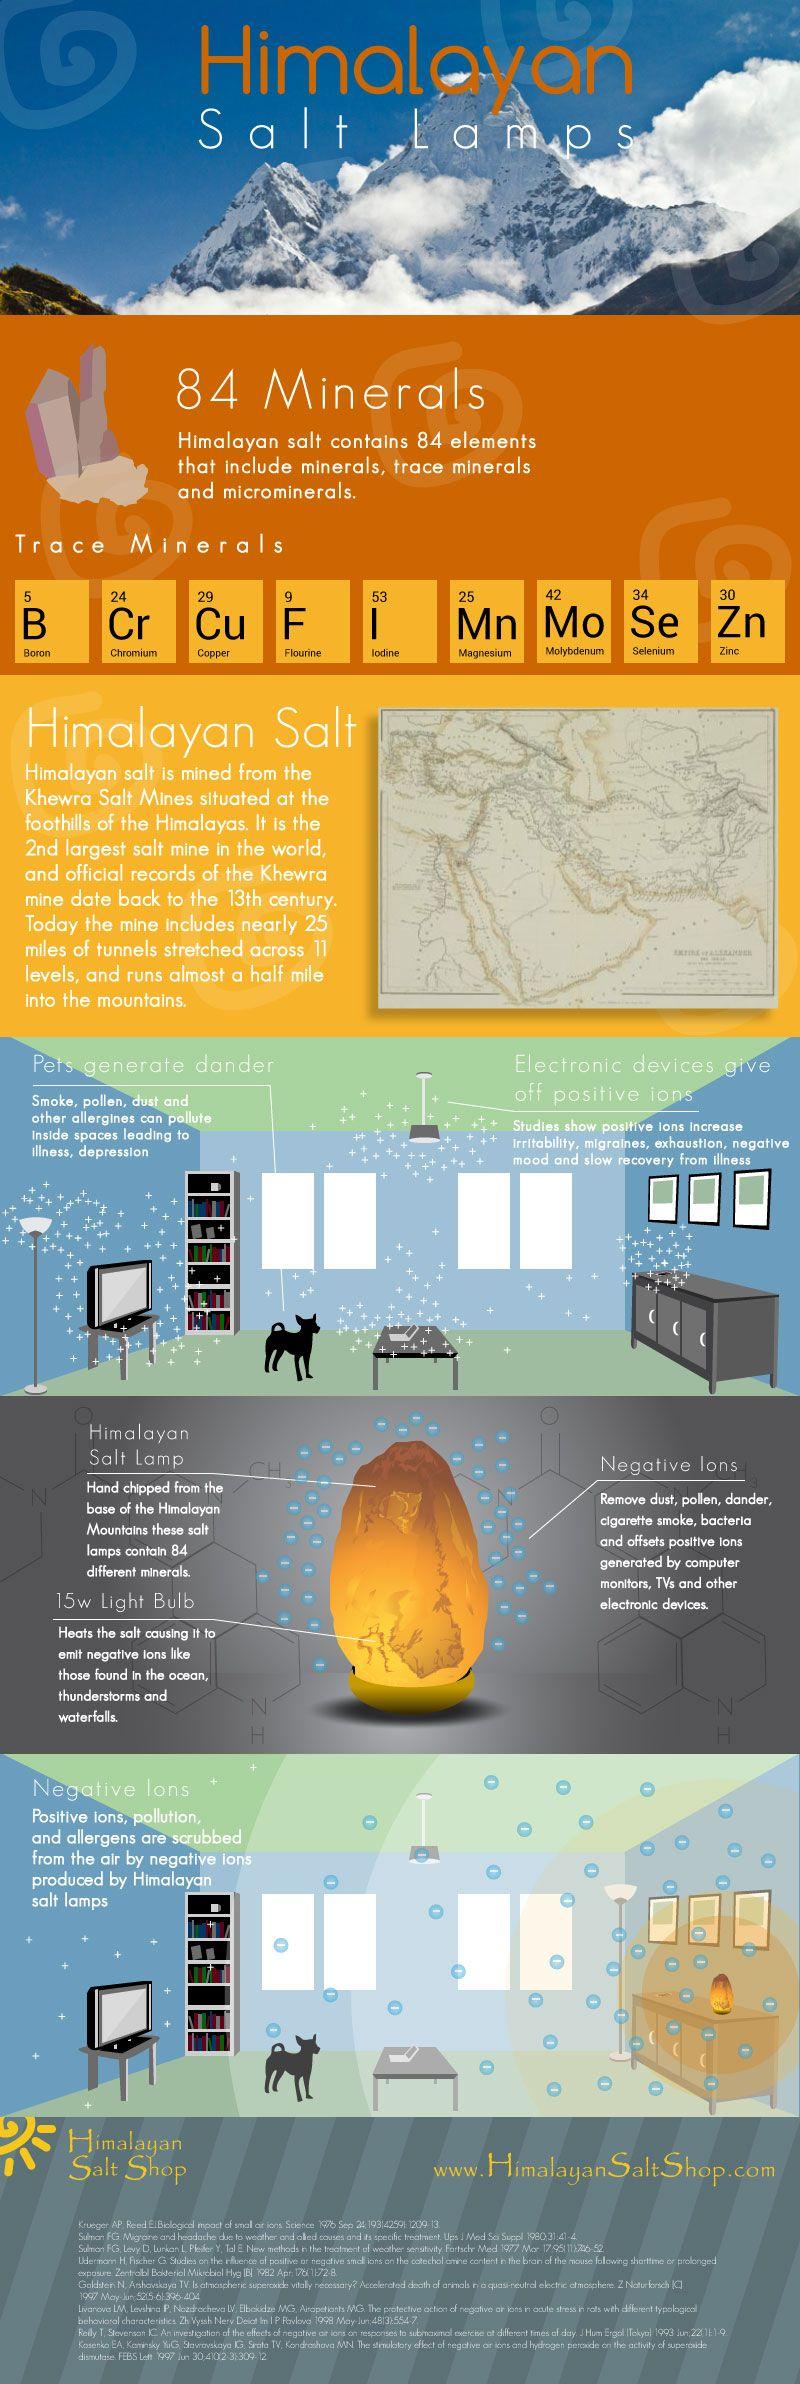 How Himalayan salt lamps work infographic